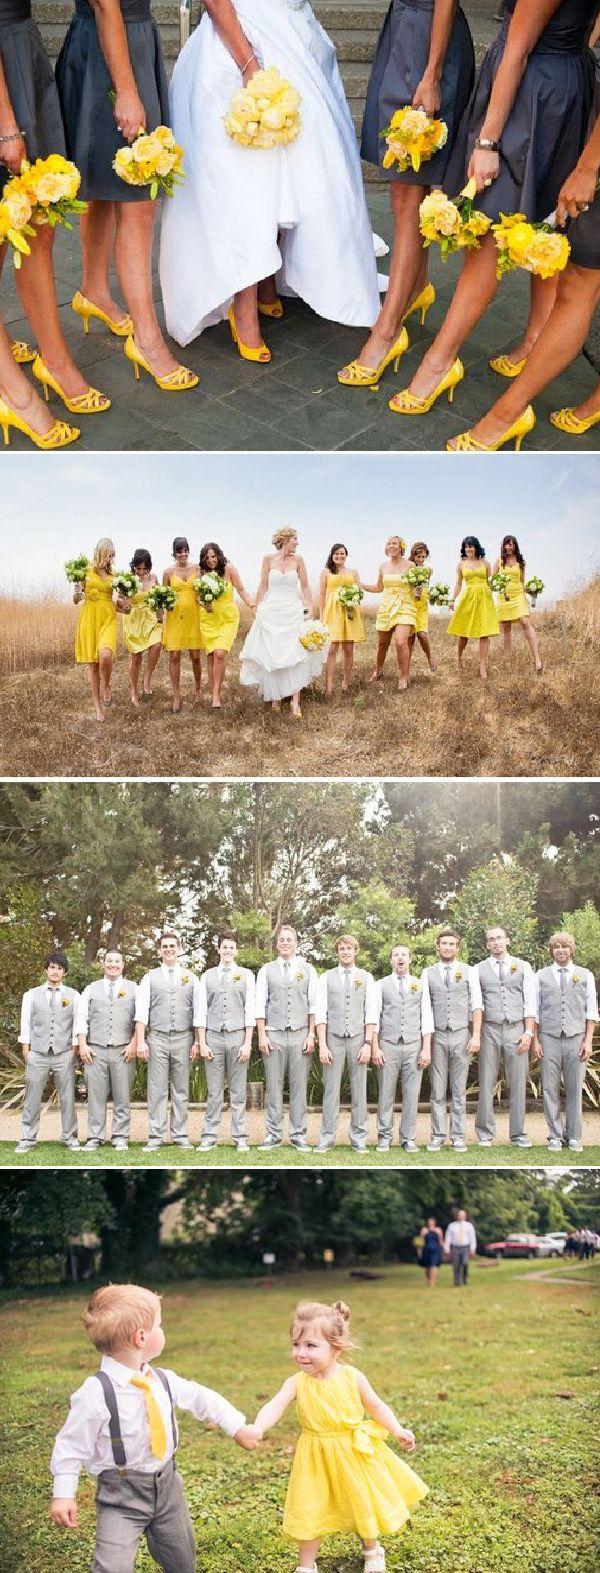 Para lograr un concepto de boda armónica imprime el color de la boda en el look de las damas, pajes y padrinos http://elblogdemariajose.com/aplicar-los-colores-de-la-boda/ #bodas #elblogdemariajose #colorboda